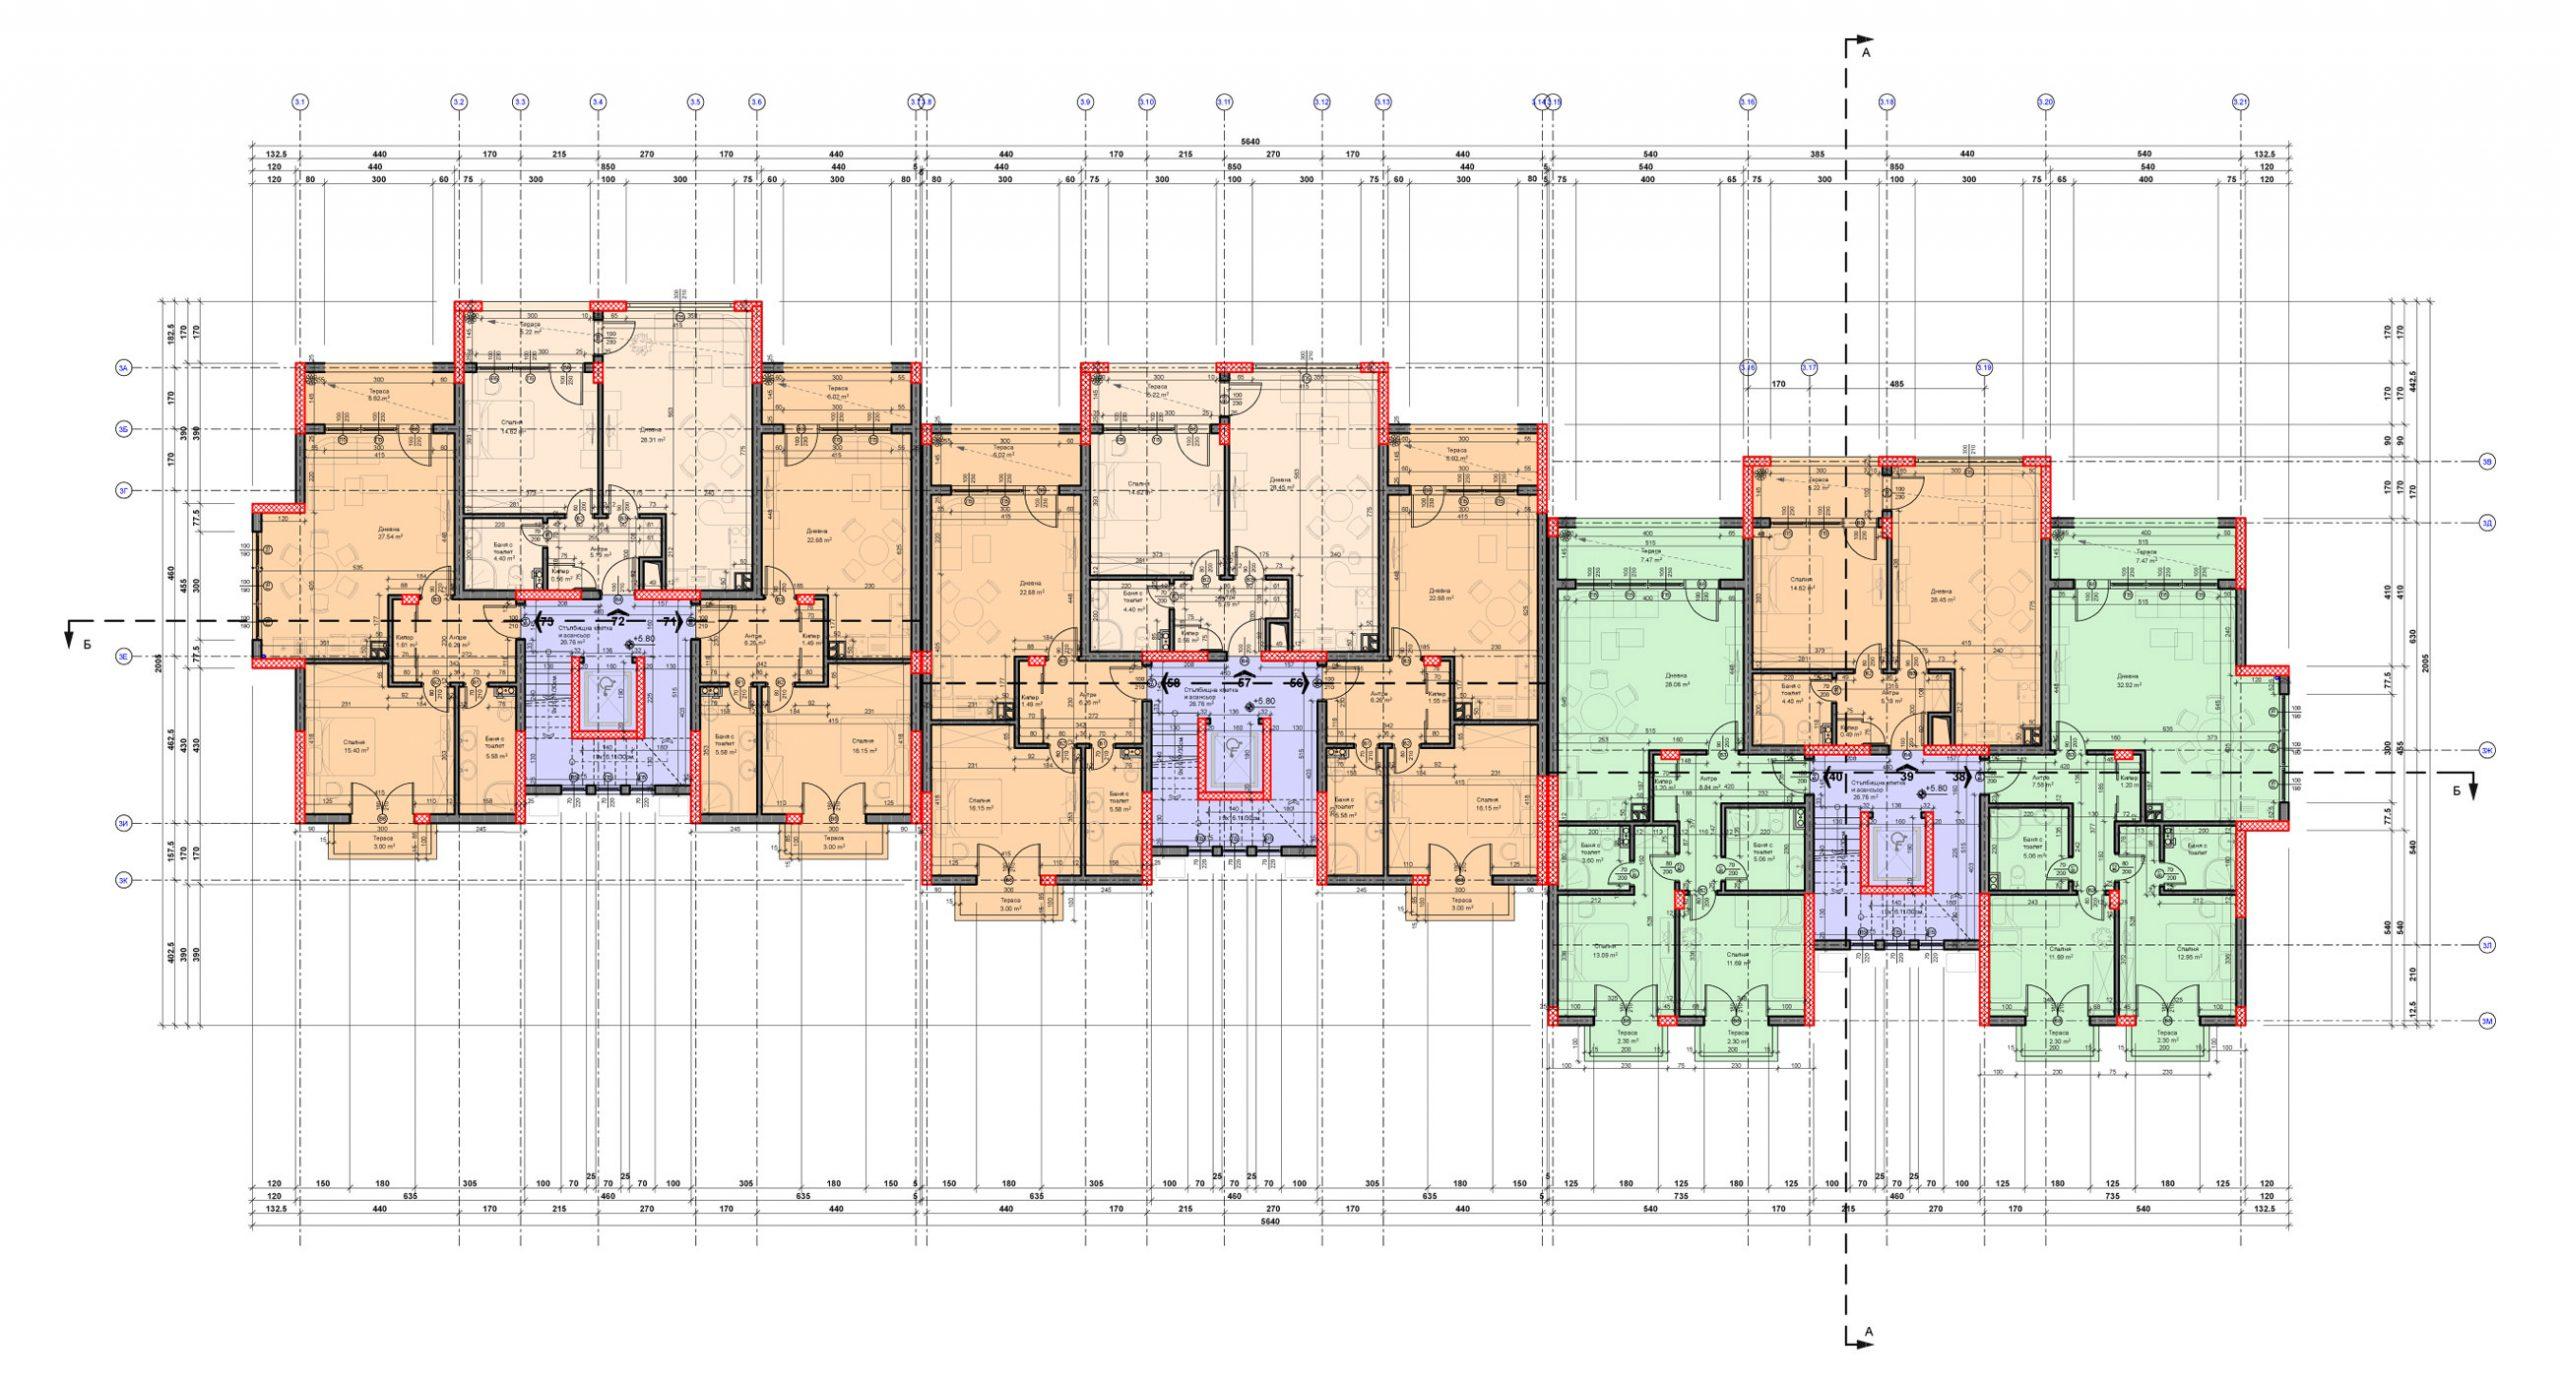 Carpe Vita, Building 3, Floor 3